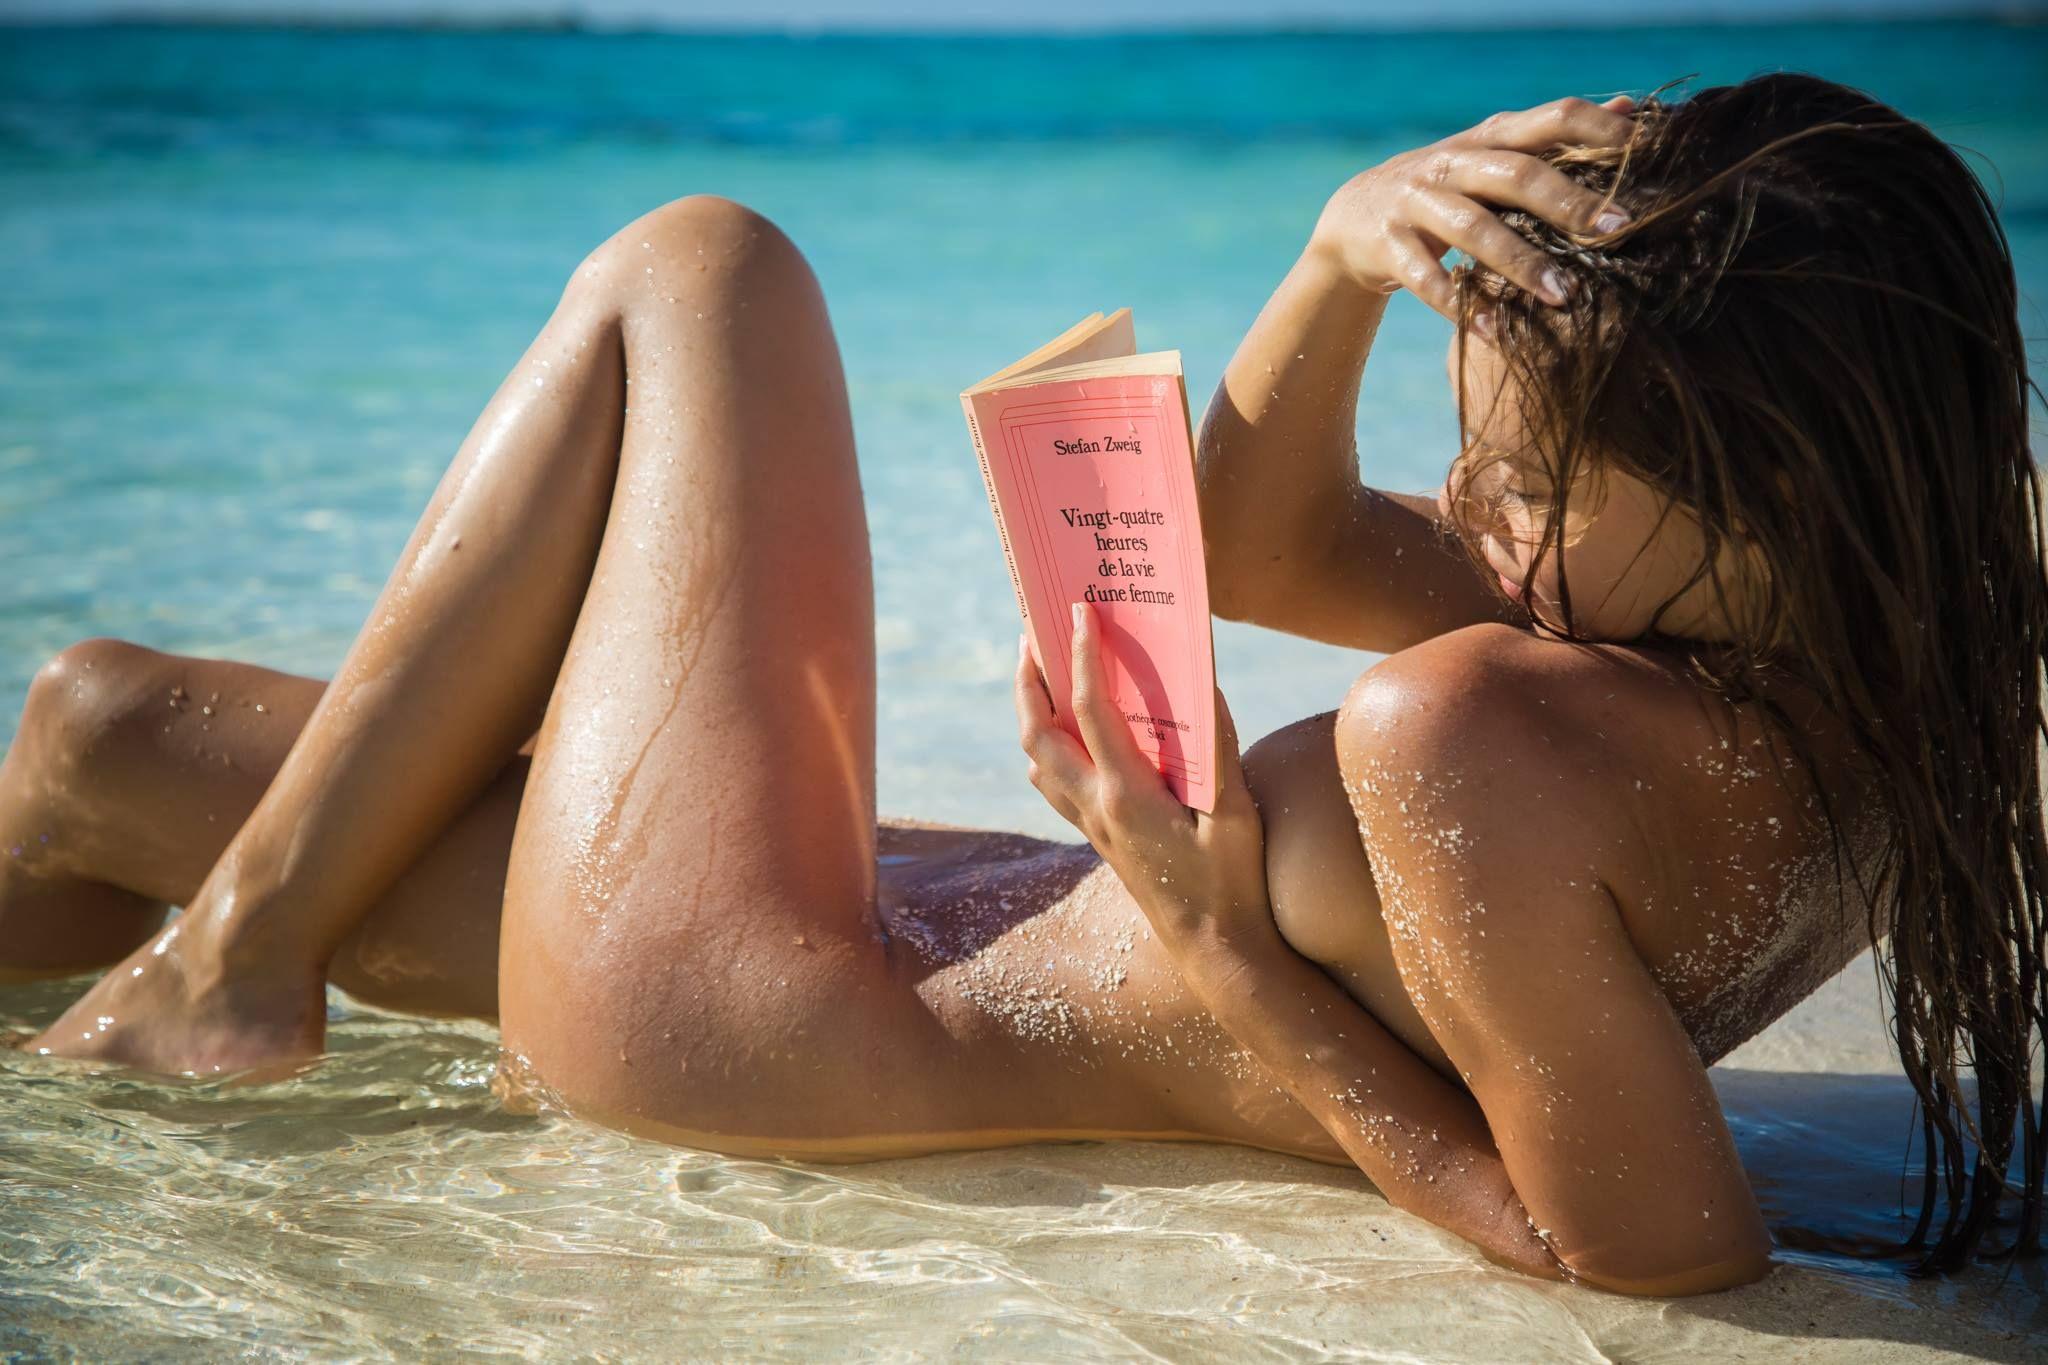 Нескромные девушки на пляже